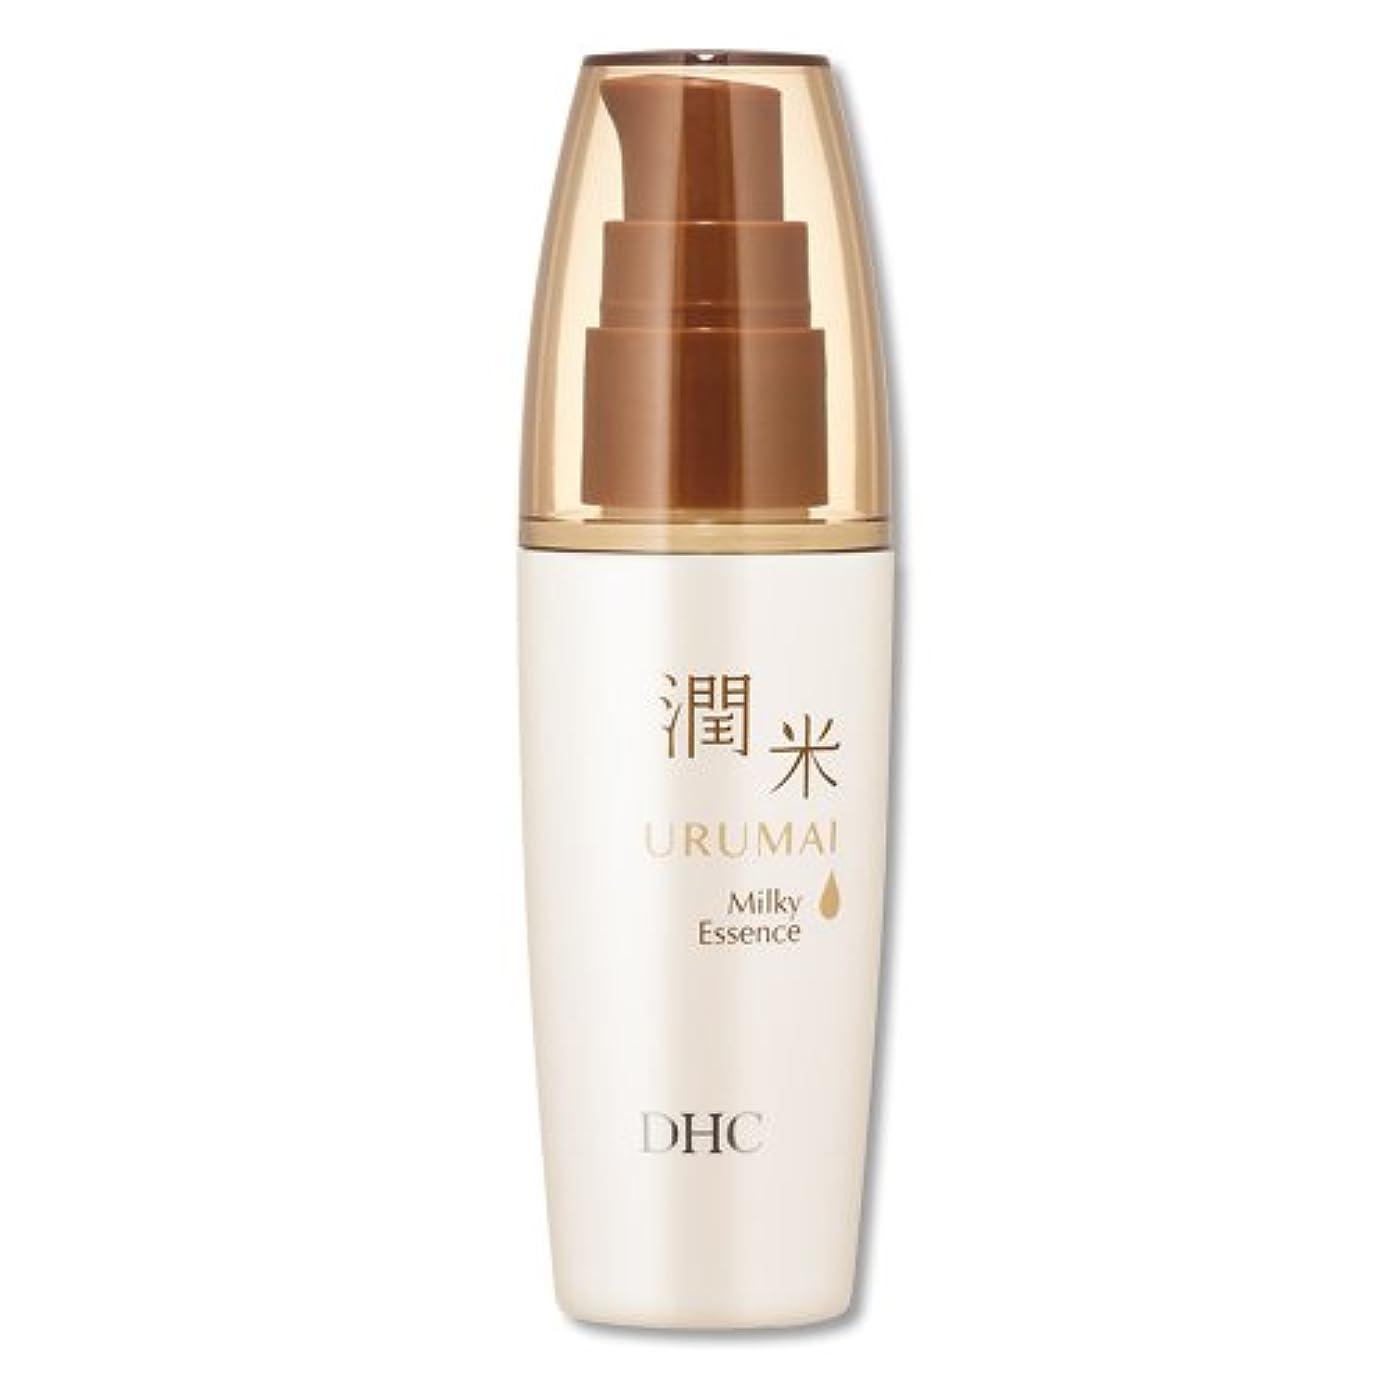 アウターアプト純粋なDHC潤米(URUMAI)ミルキーエッセンス(美容乳液)